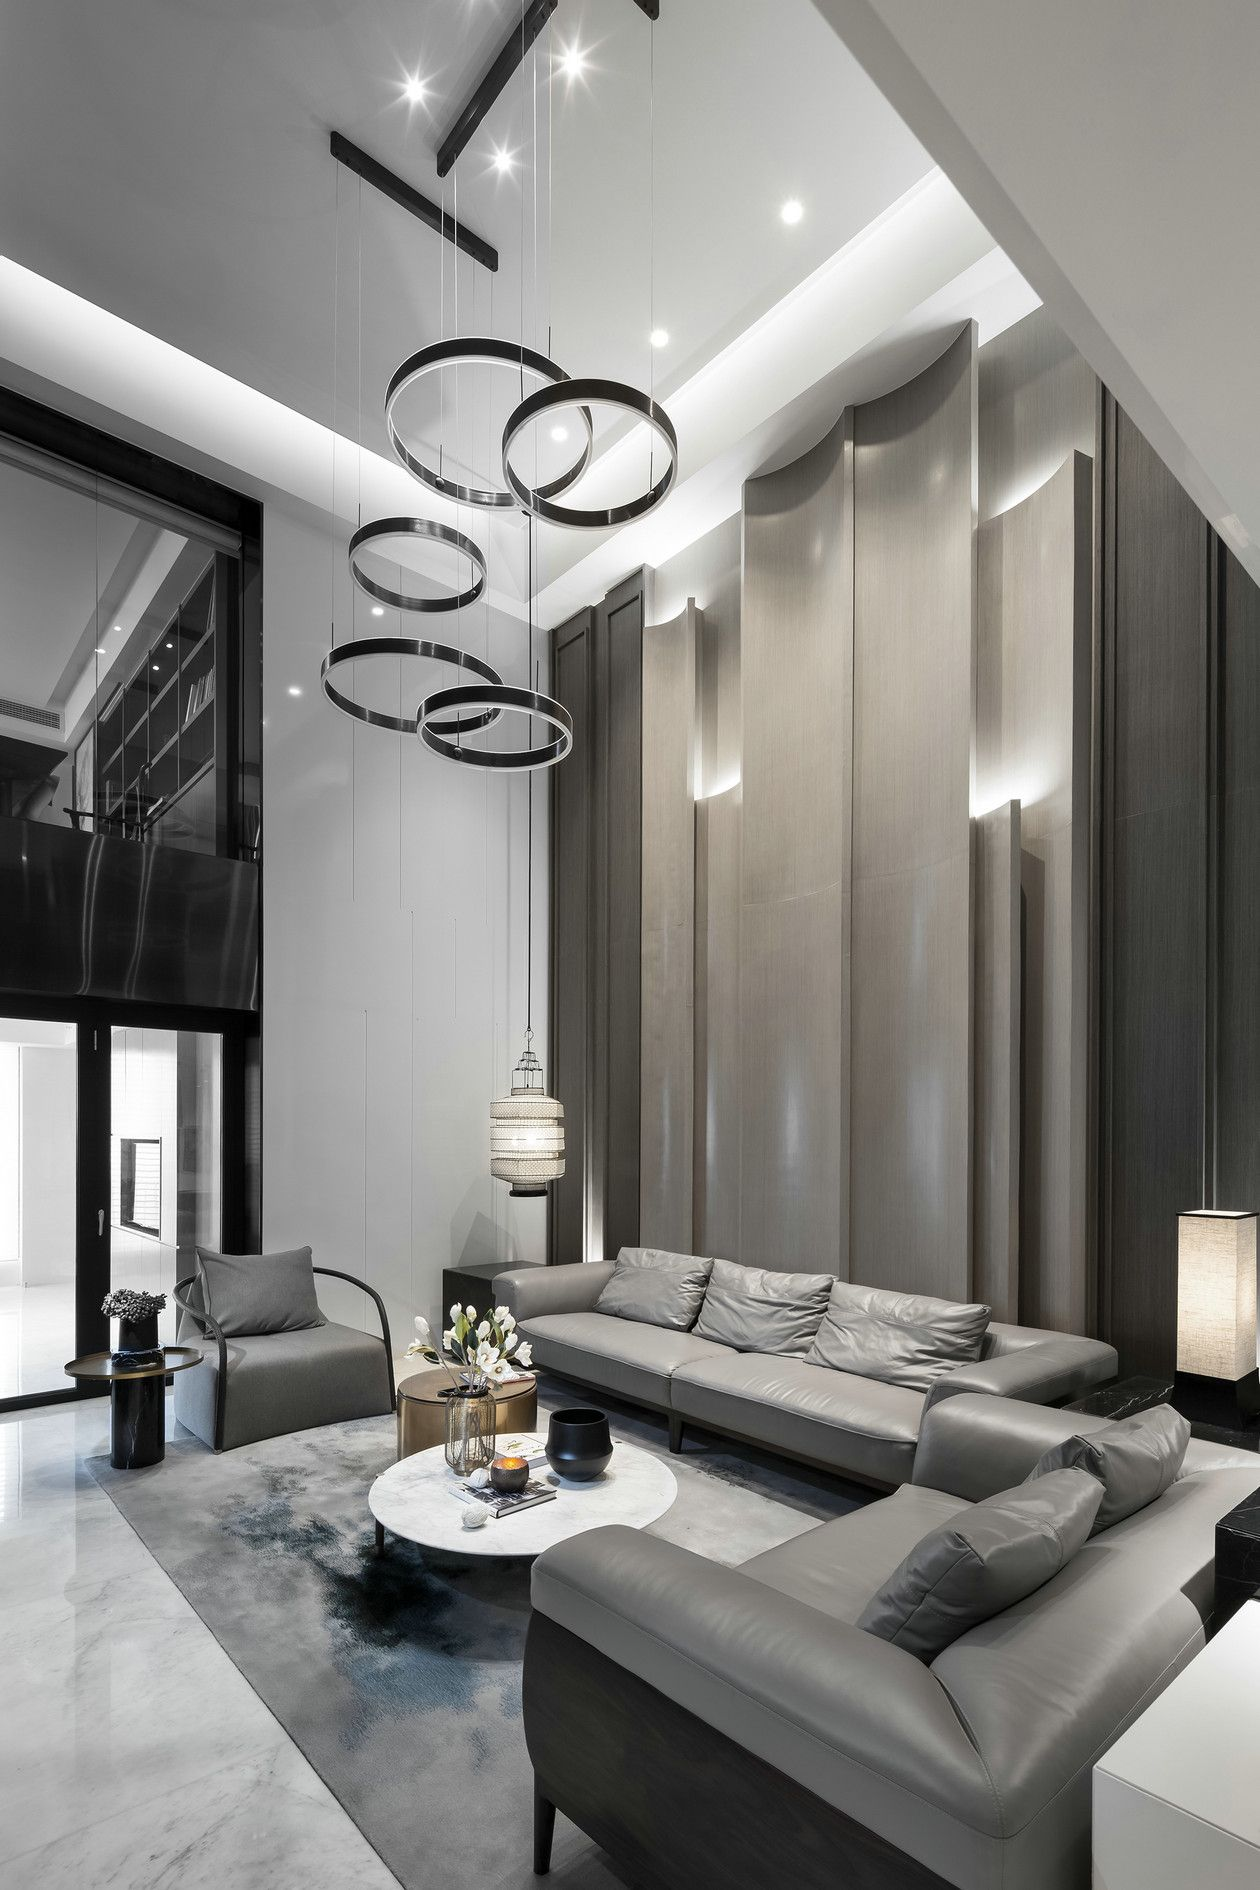 Pin von waskita kiki auf wall idea | Pinterest | Beleuchtung, Luxus ...